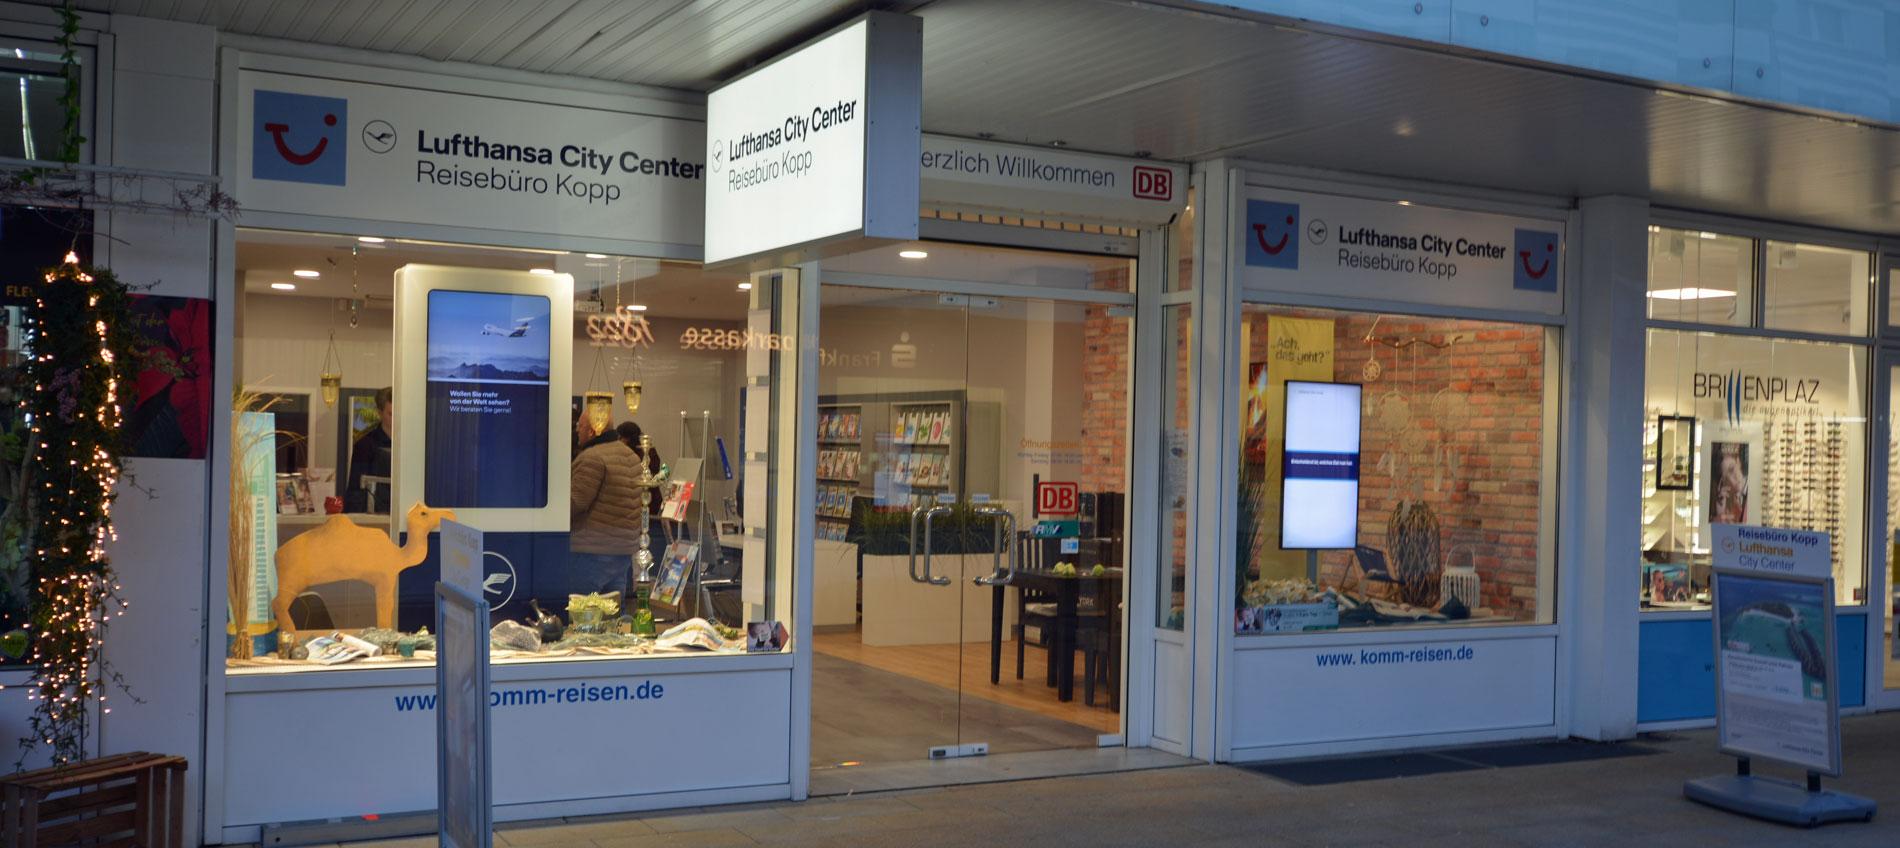 Reisebüro Kopp Schwalbach Ladenfront